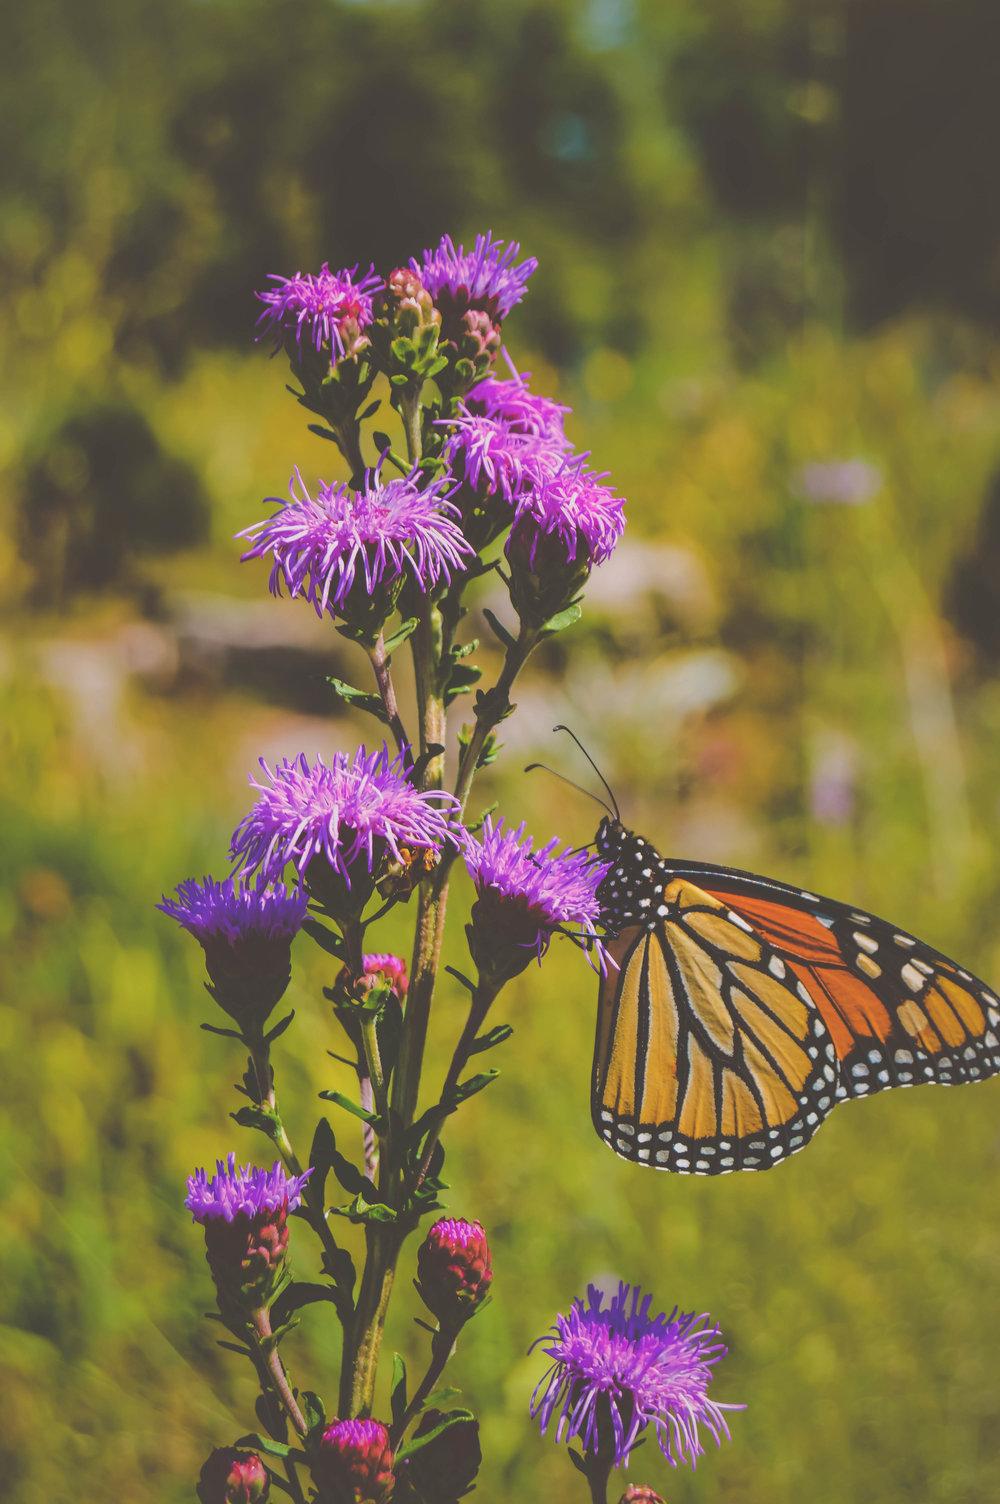 Butterfly Macro.jpg